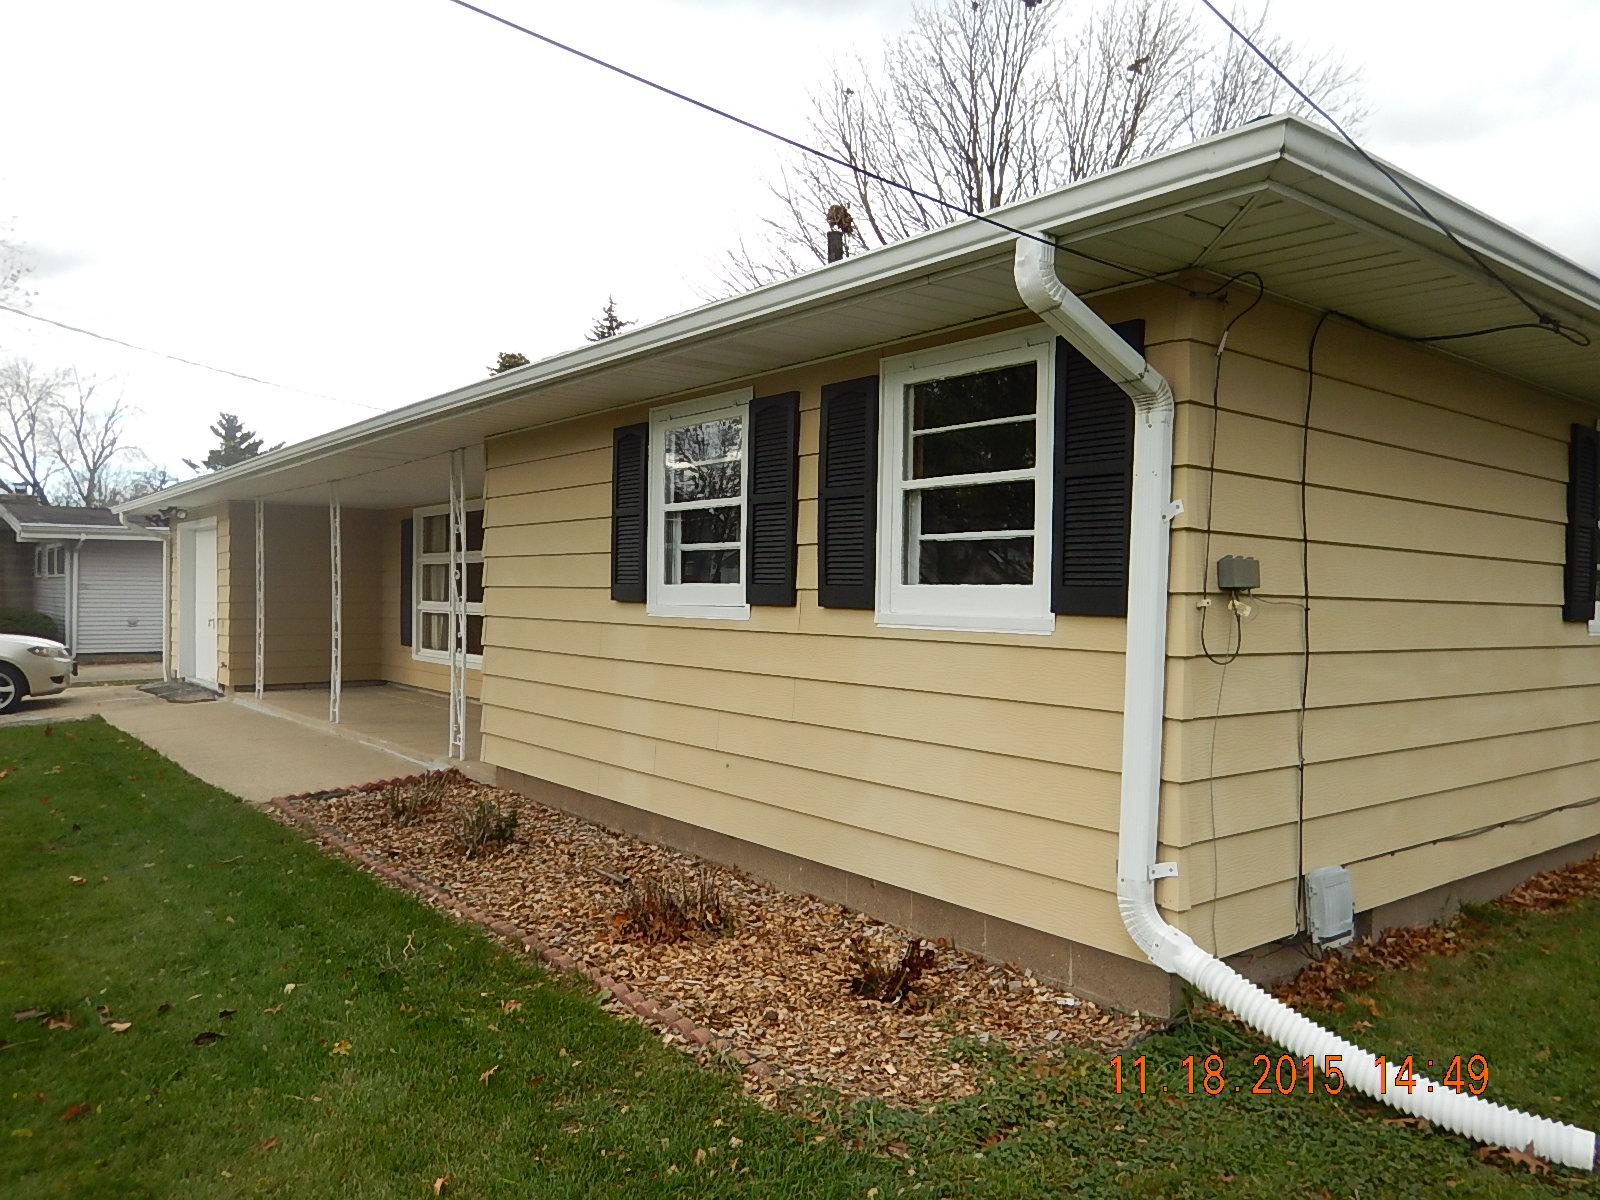 322 mcClure, Kewanee, Illinois 61443